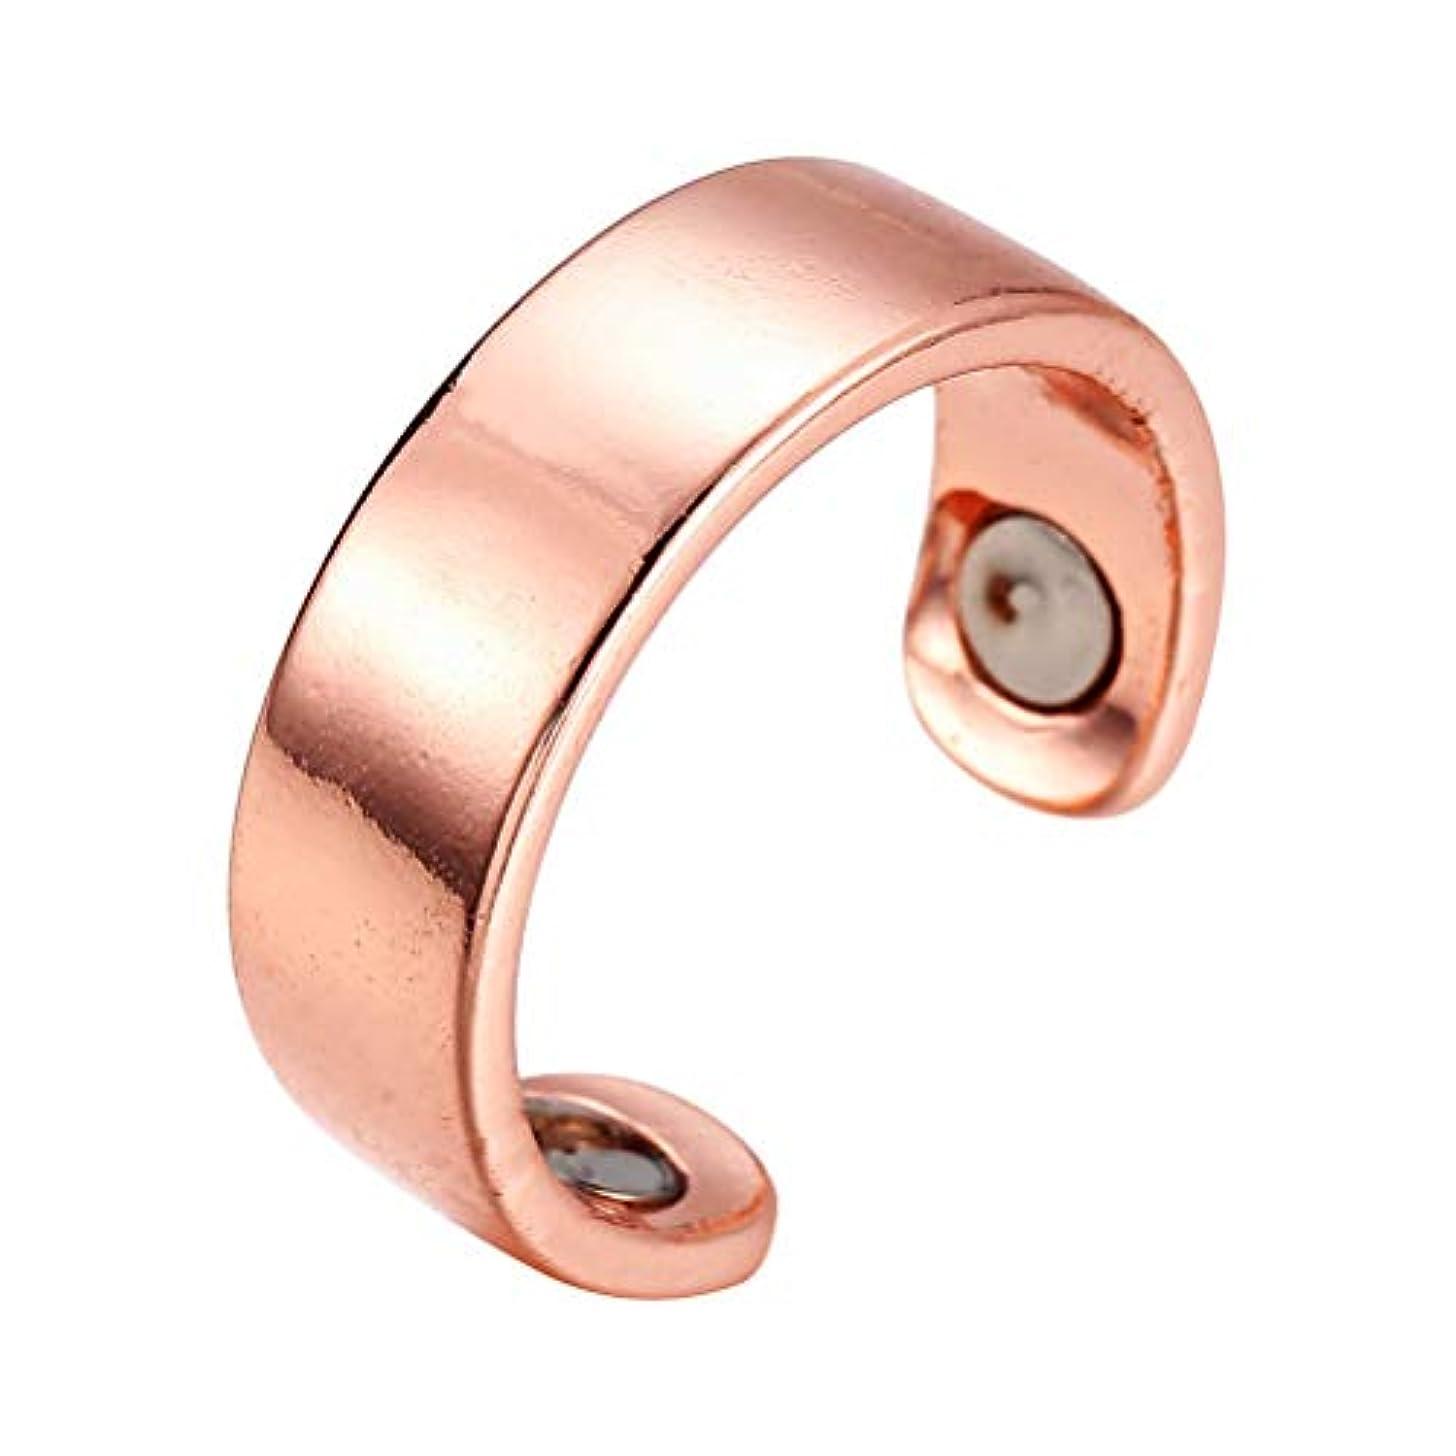 雨の照らすラウンジHEALIFTY 指圧マッサージ指輪防止いびきリング息切れ指圧治療ヘルスケア磁気療法健康的な睡眠リング開環(釉、ローズゴールデン)